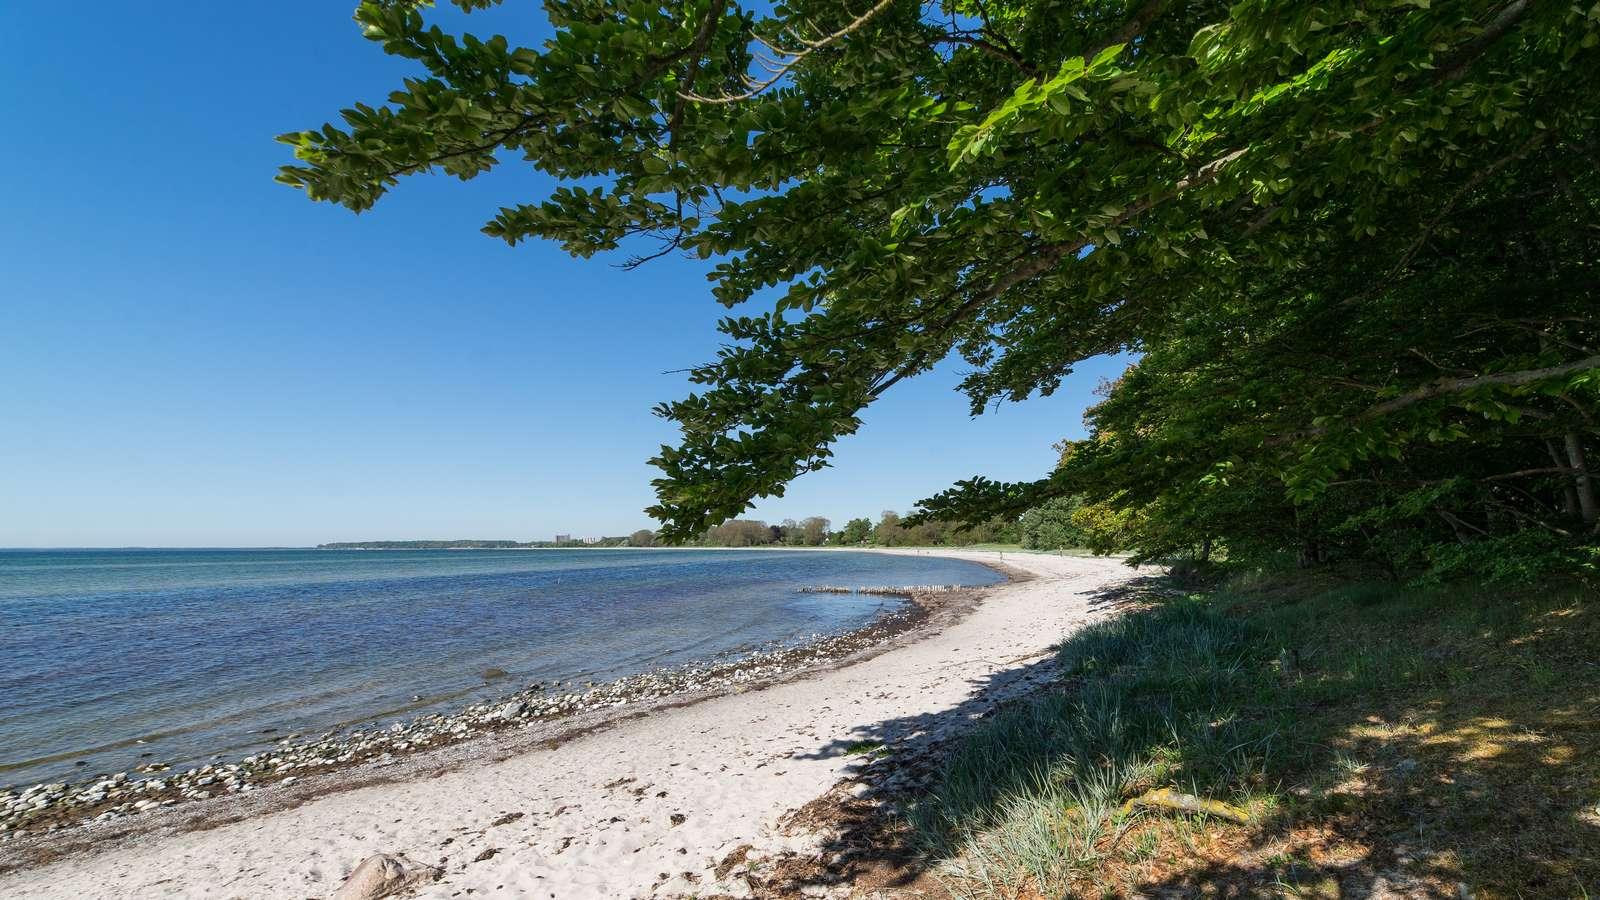 Stranden van de Oost-Deense eilanden